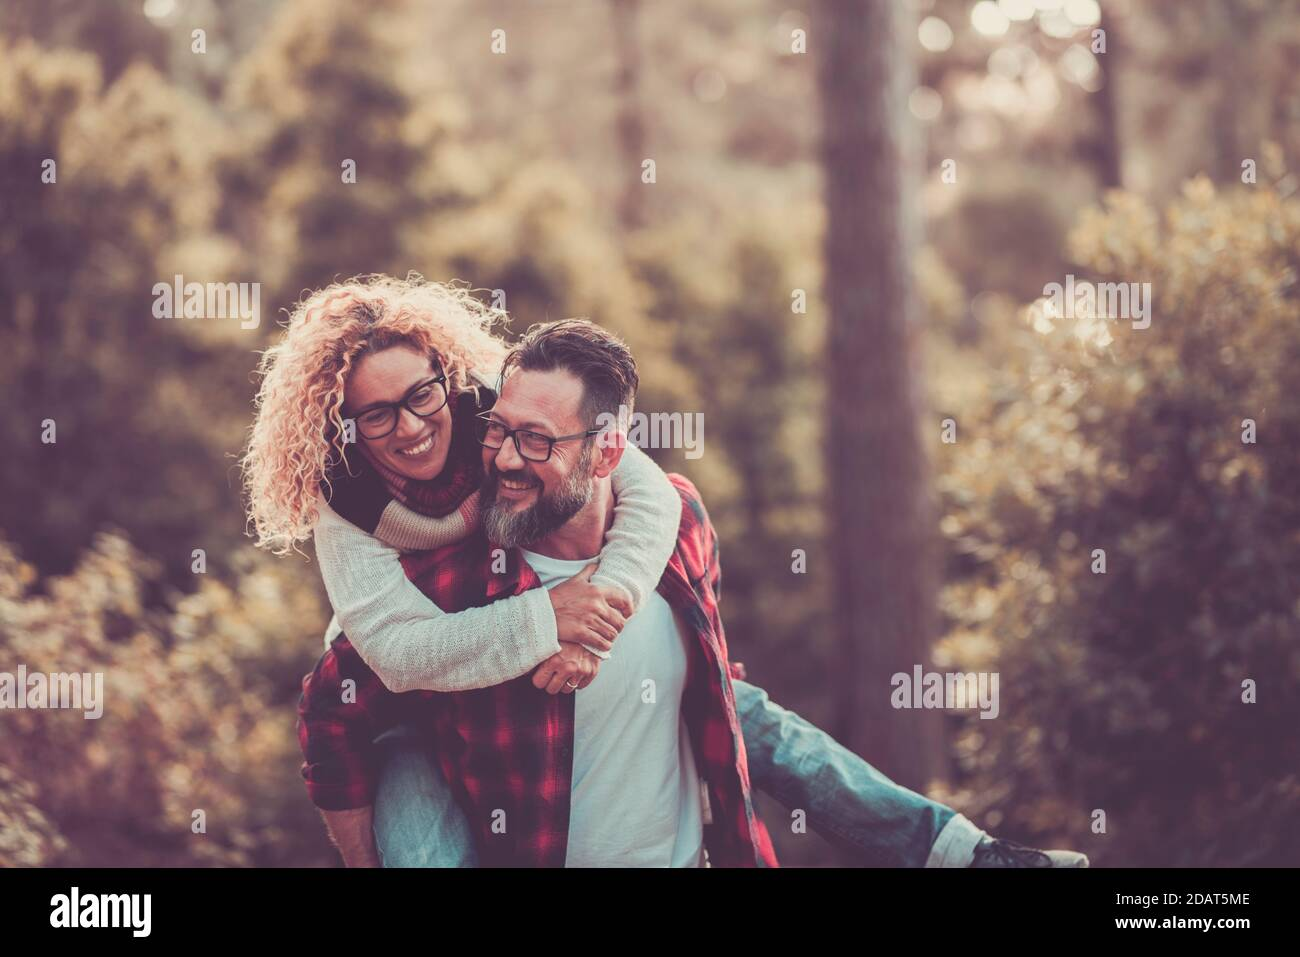 Felice coppia adulta godere di natura foresta insieme e all'aperto attività di svago con divertimento e gioioso - uomo portare donna sulla schiena e entrambi ridono a l Foto Stock